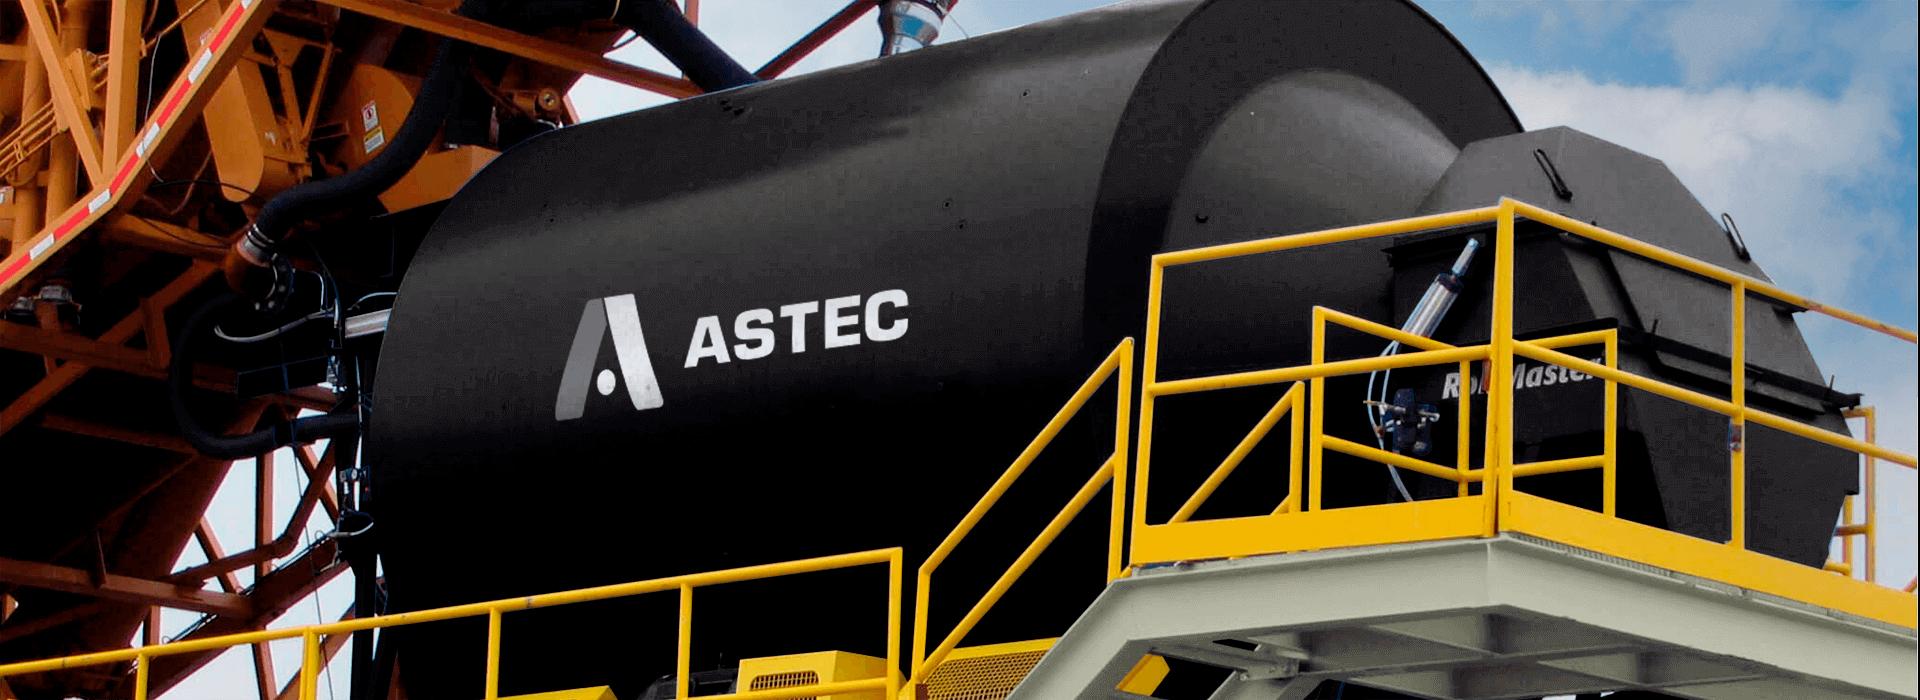 Astec BMH RollMaster Concrete Mixer